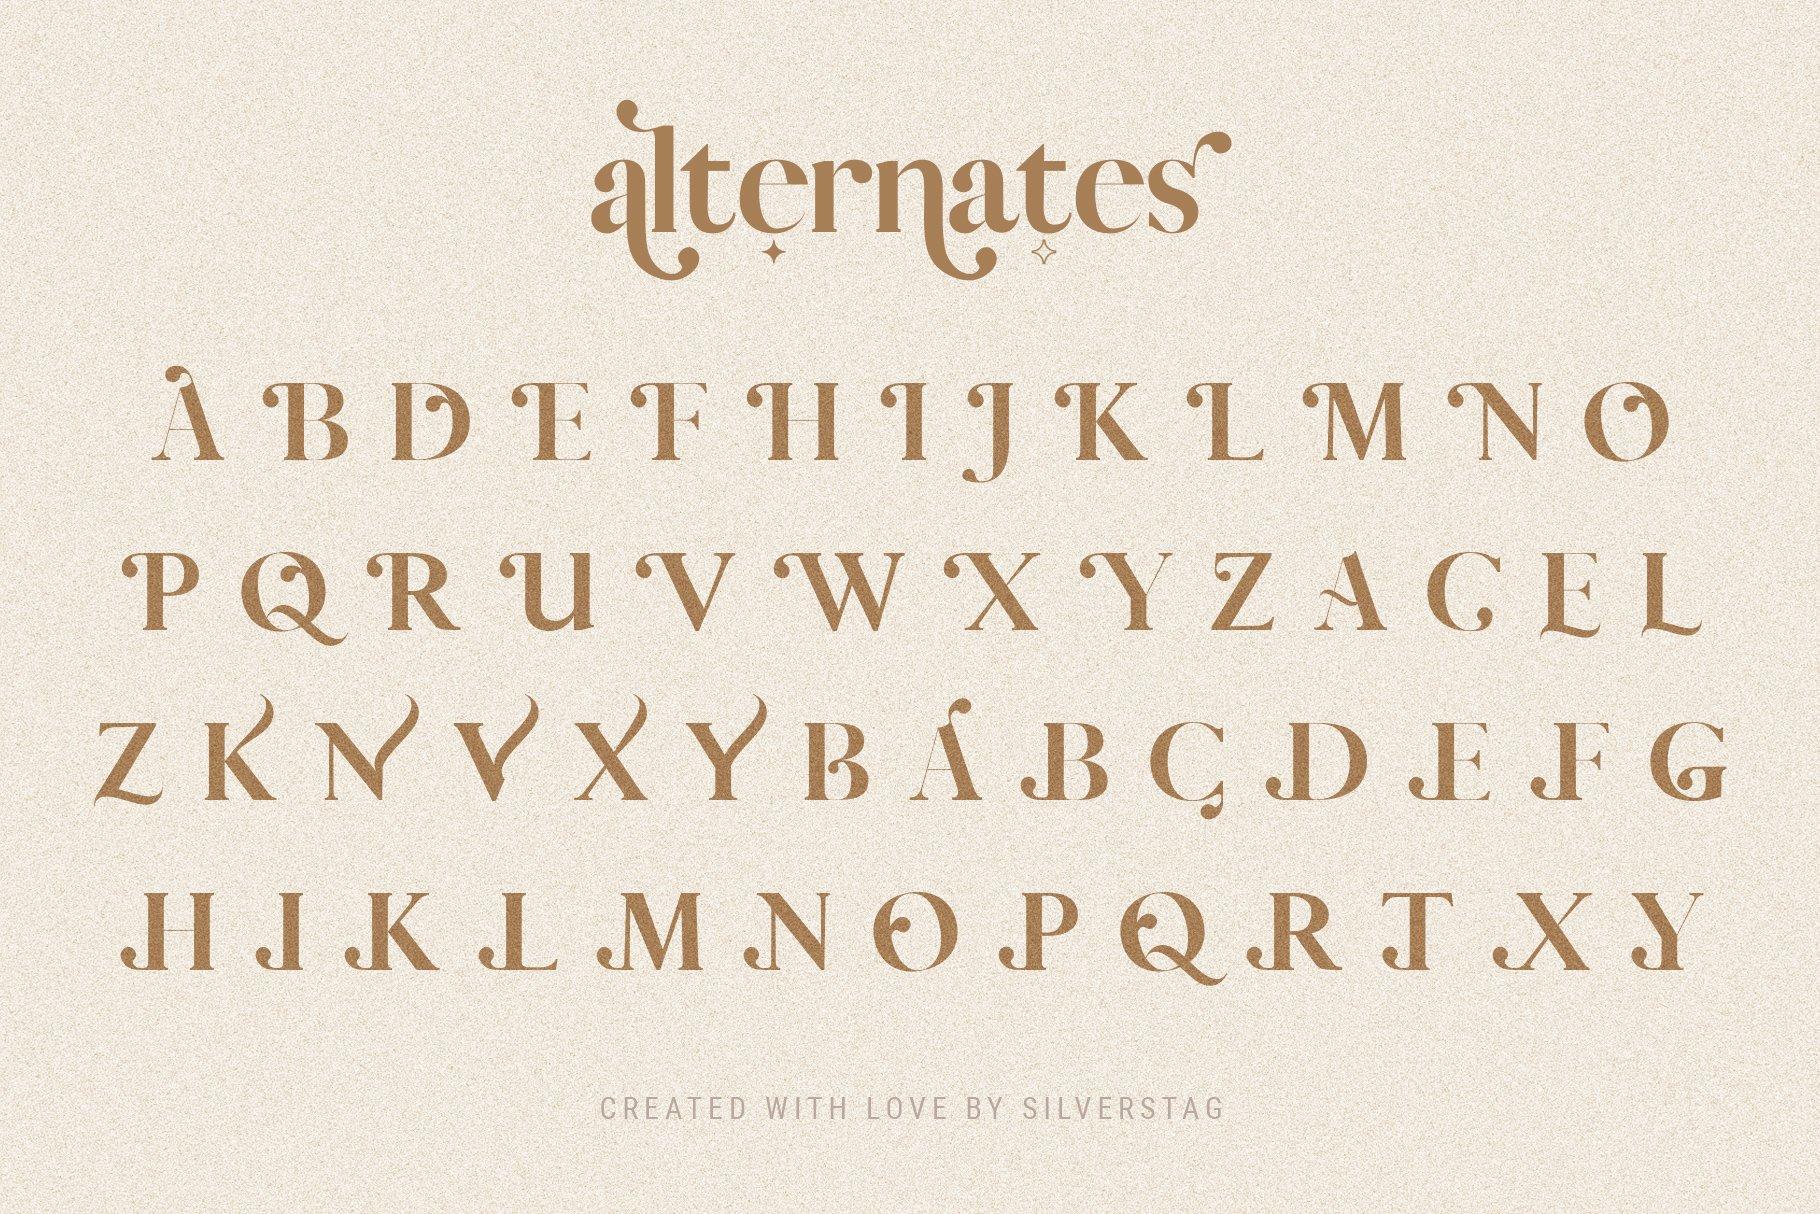 Vicky Christina - Chic & Stylish Ligature Serif Font example image 14